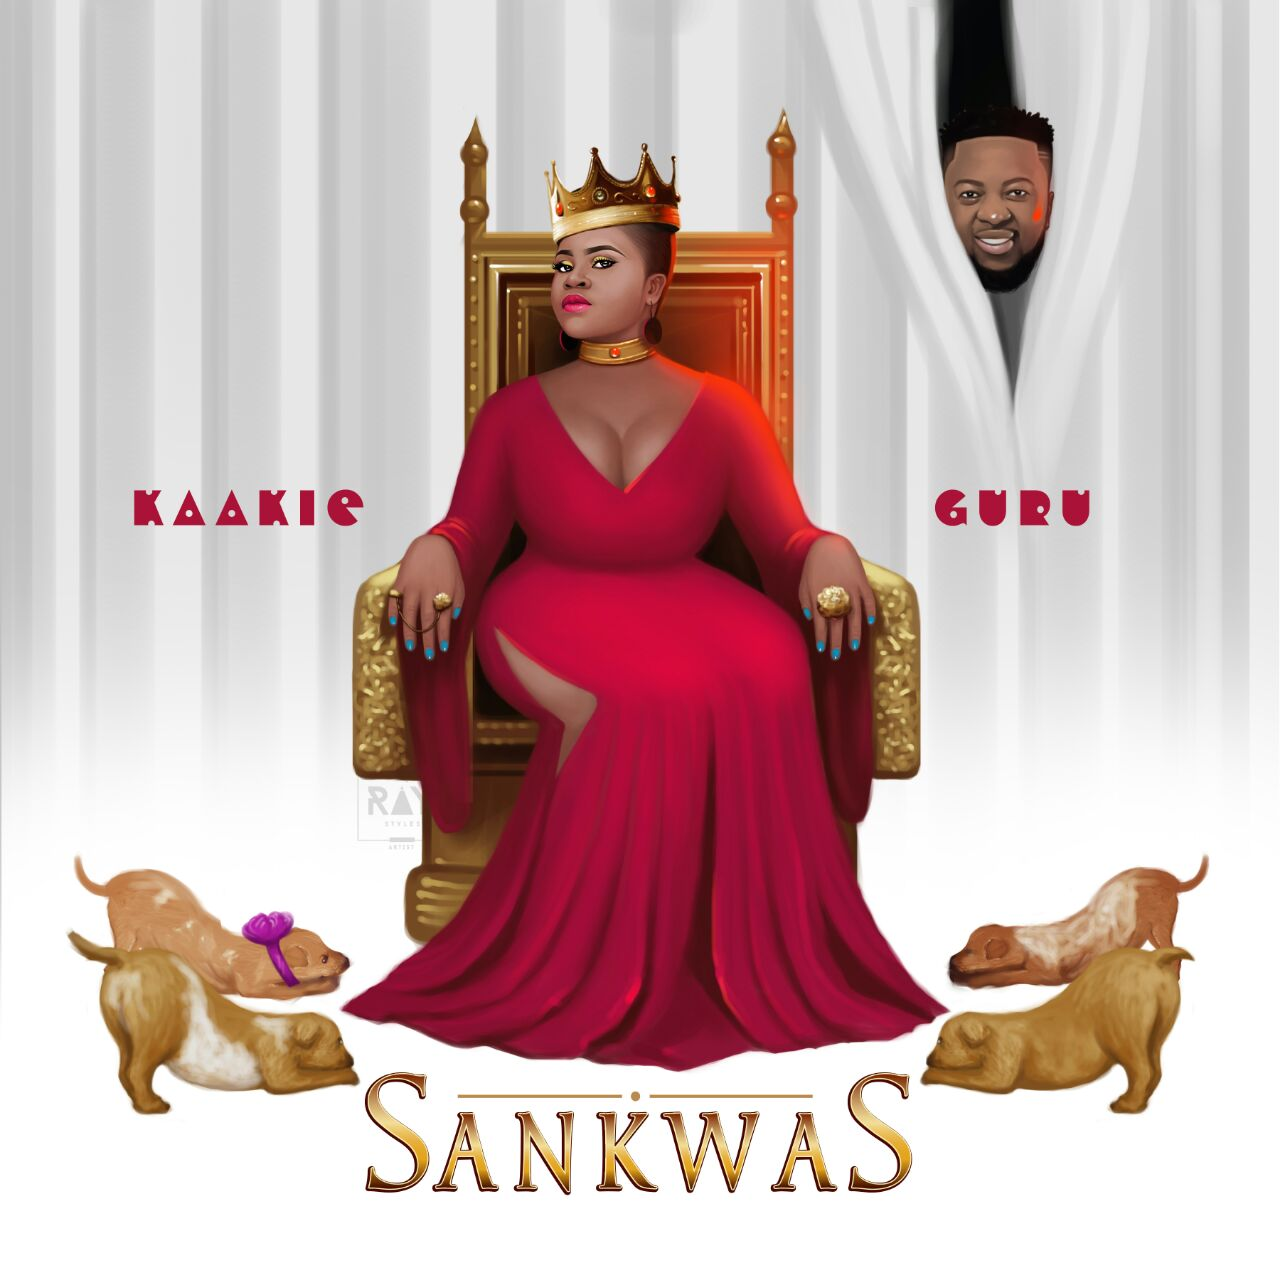 Kaakie – Sankwas ft Guru (Prod By JMJ)